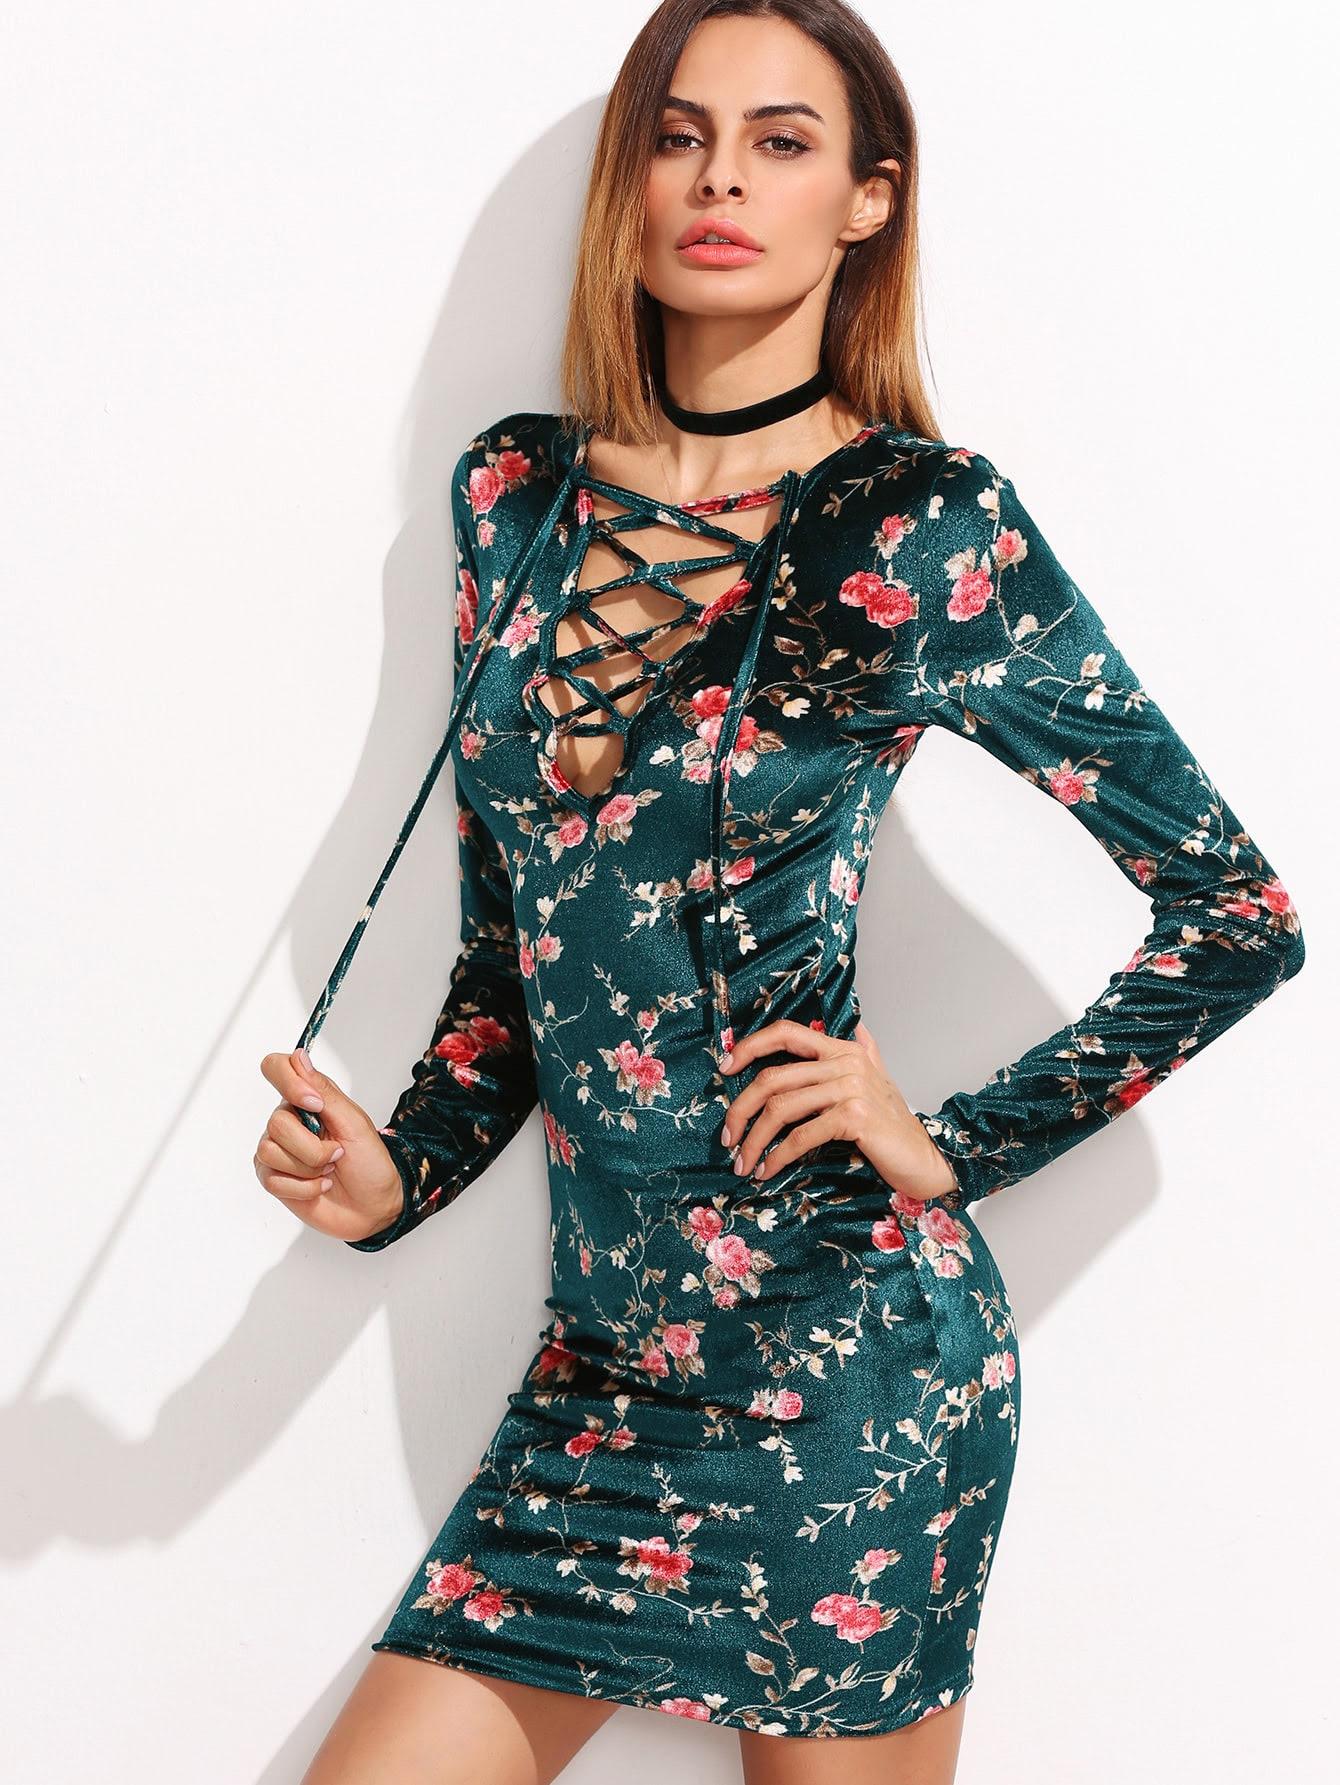 dress161125718_2